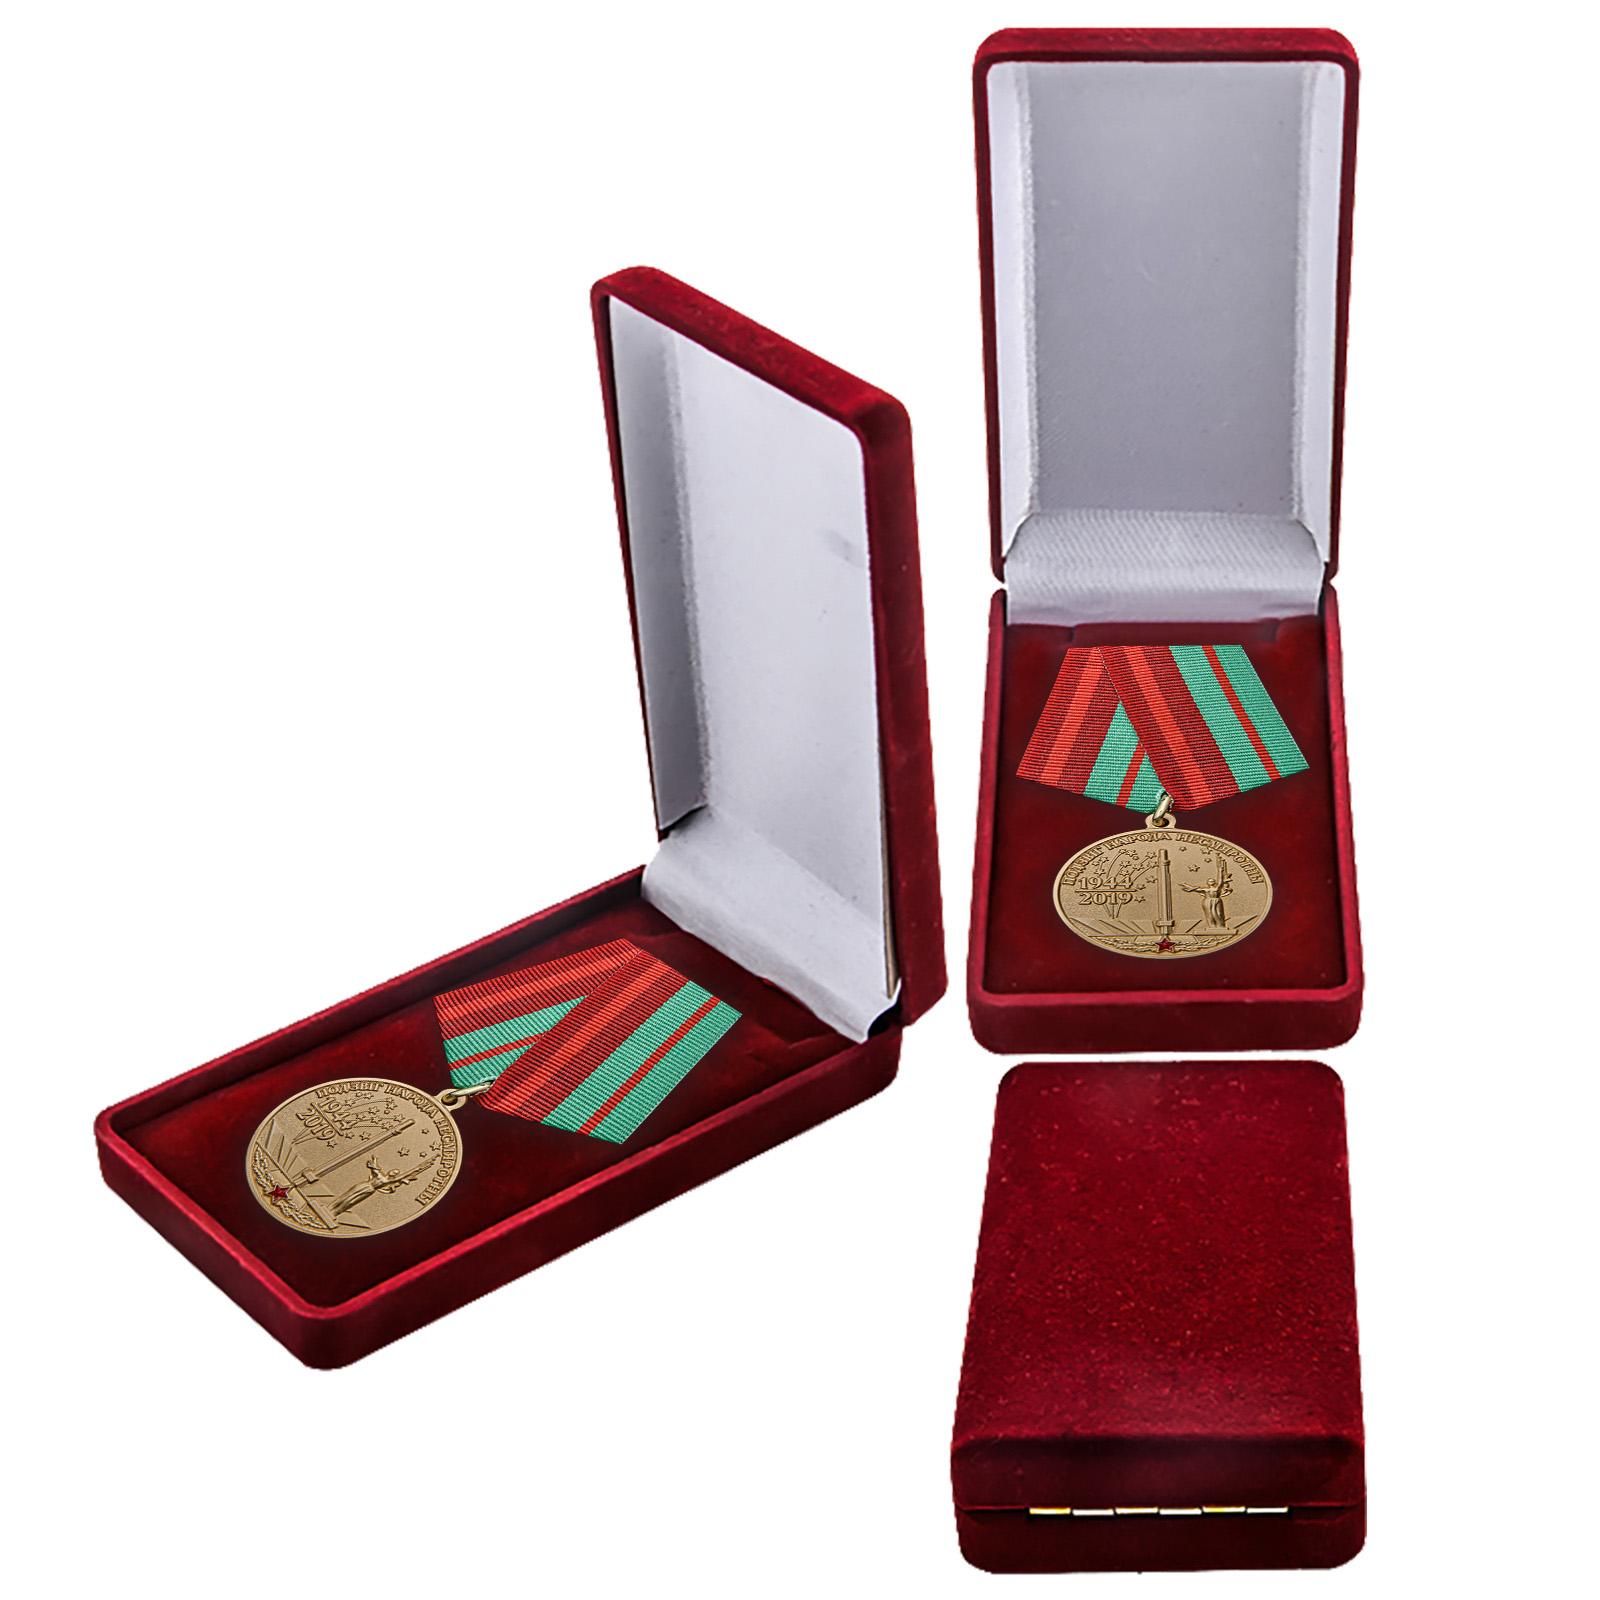 Юбилейная медаль 75 лет освобождения Беларуси от немецко-фашистских захватчиков